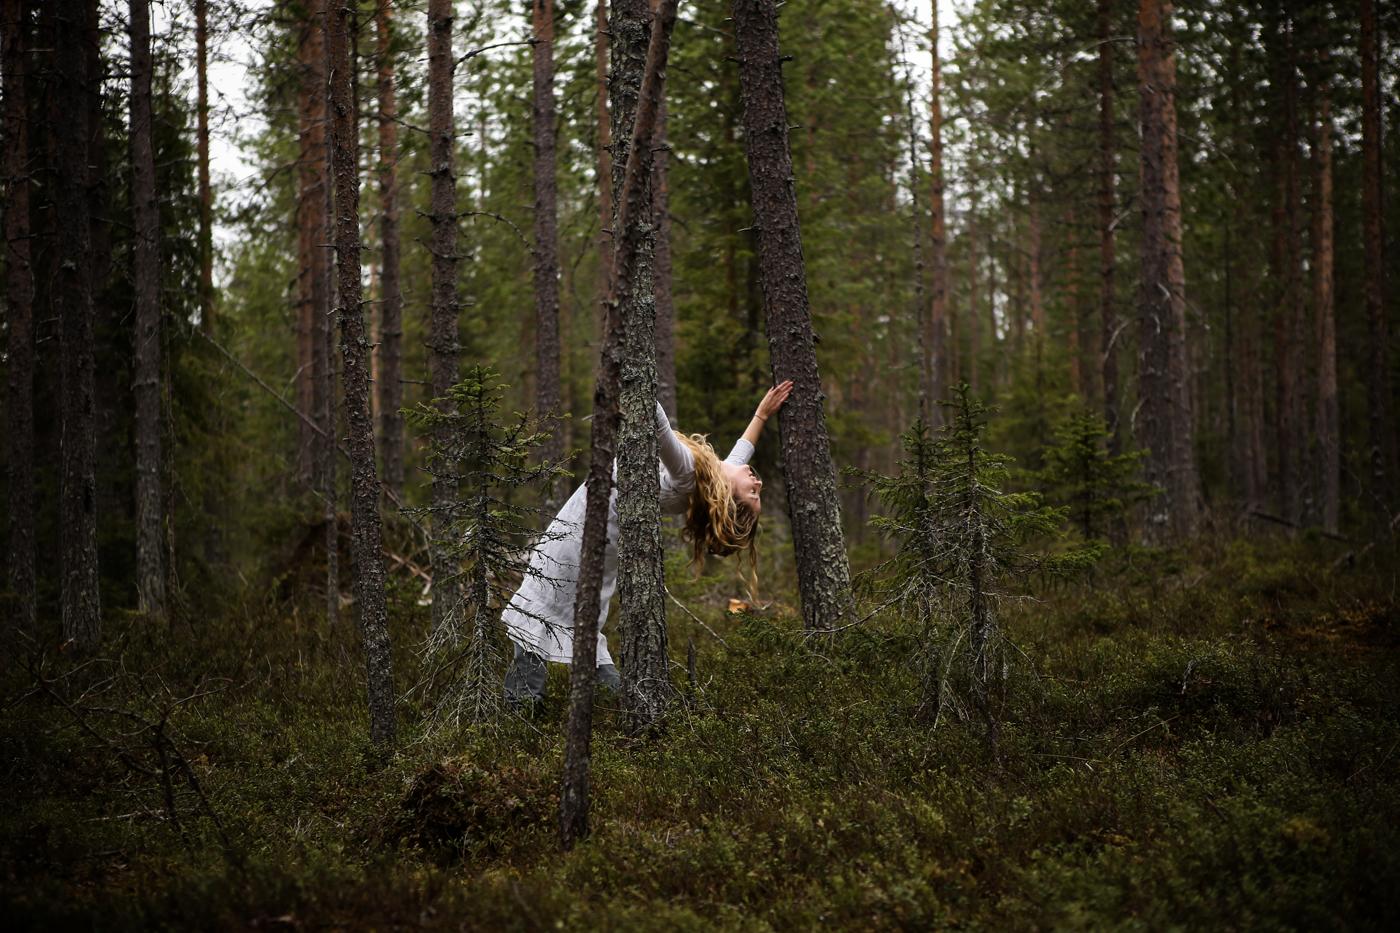 Metsäprojekti_Hiljaisuusfestivaali_2015_C_Jouni_Ihalainen-86.jpg